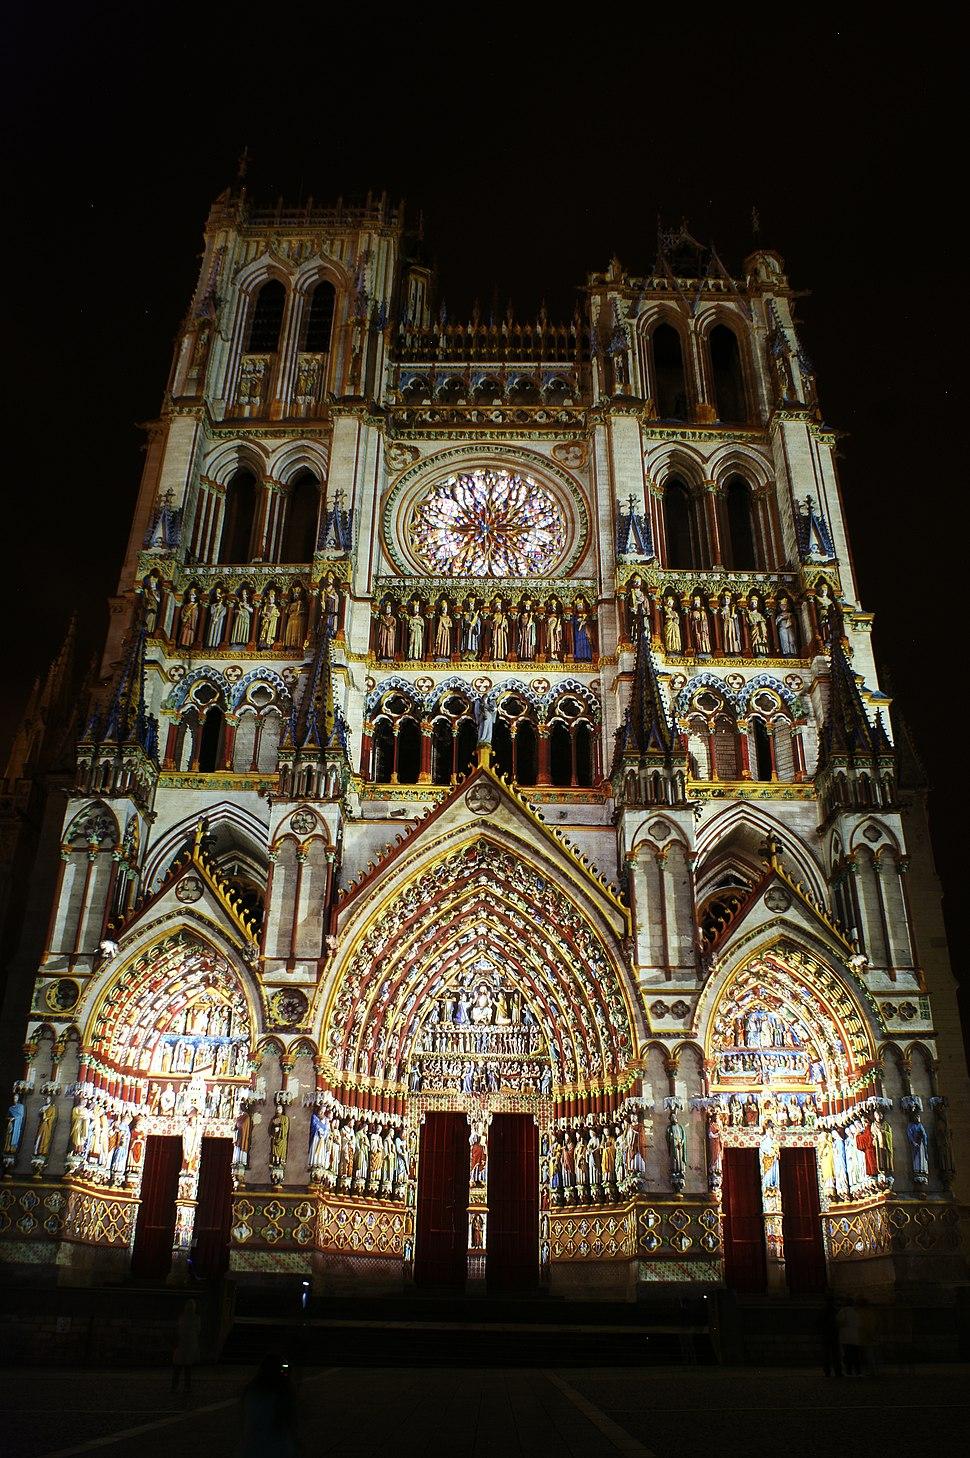 La Fa C3 A7ade De Cath A9drale Notre Dame